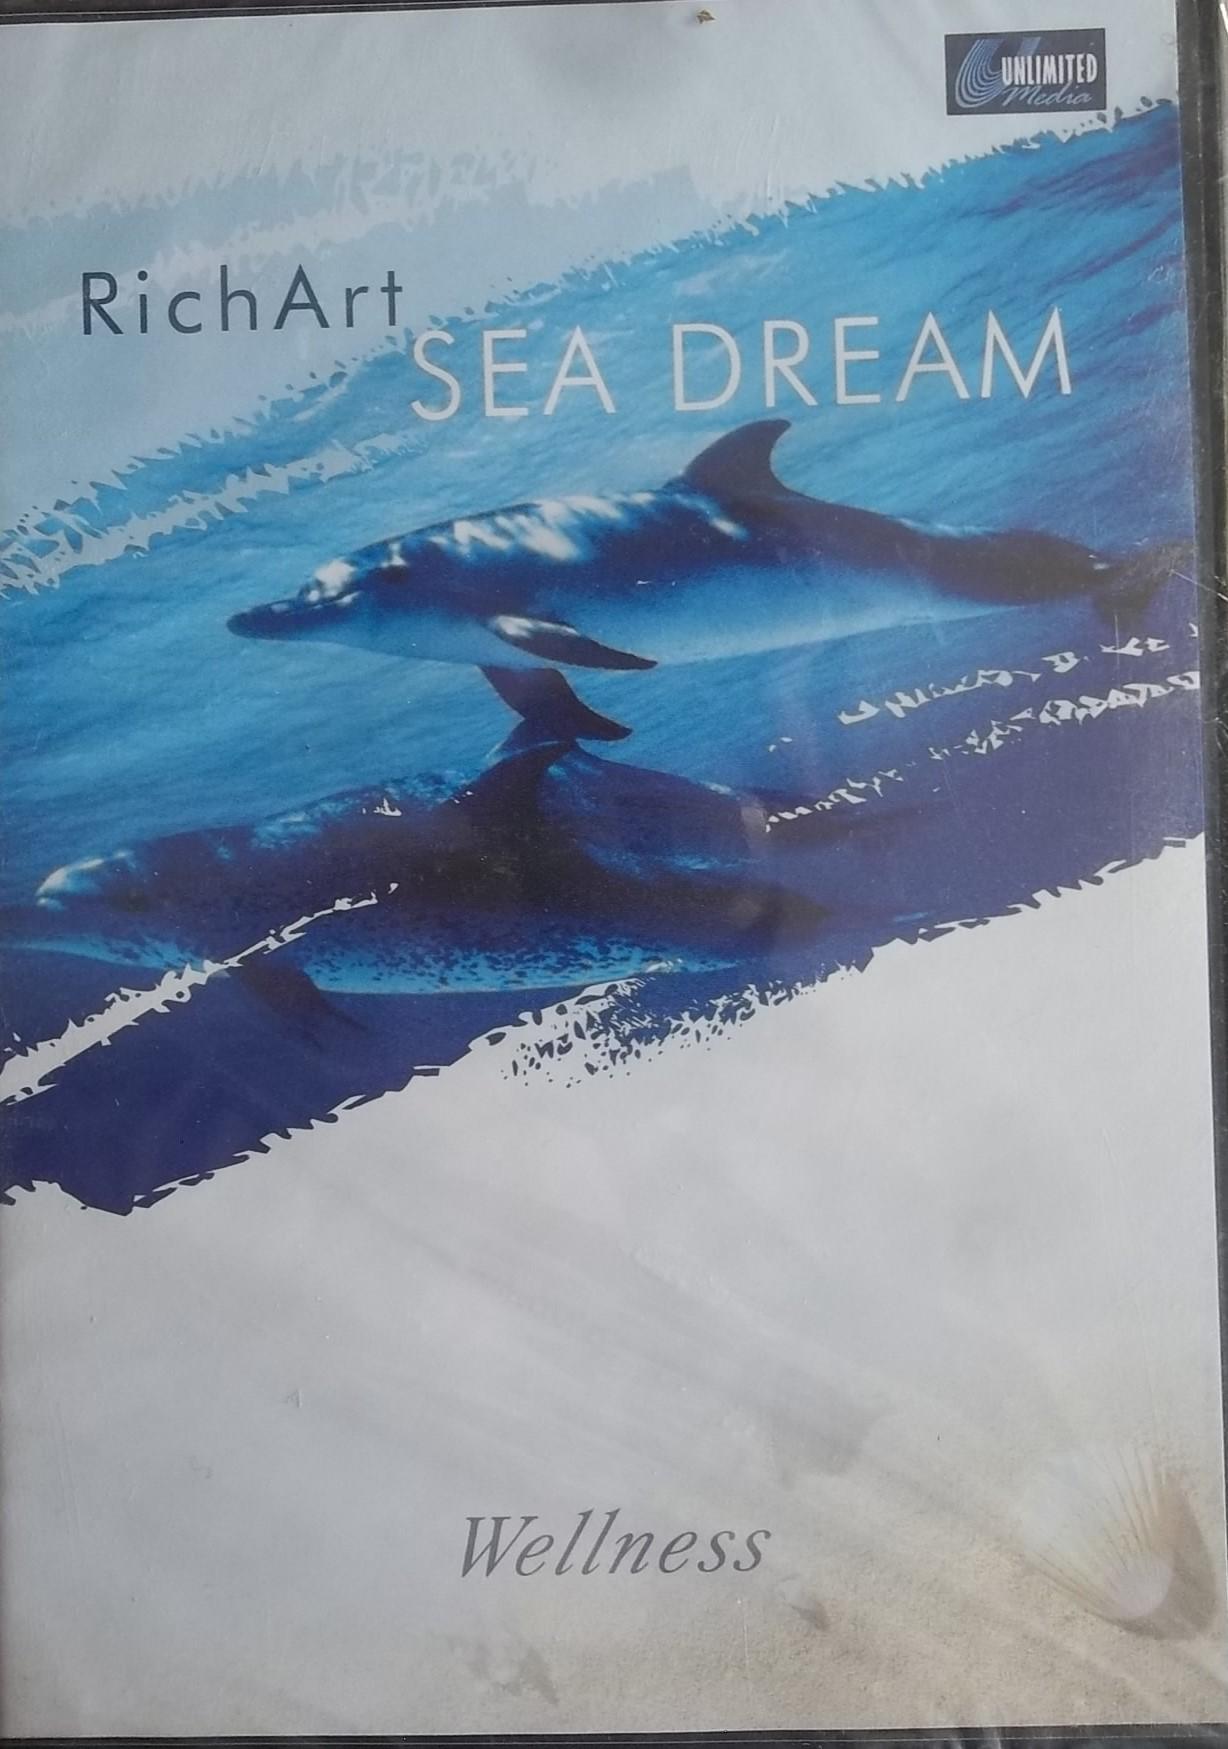 RichArt Sea Dream - DVD